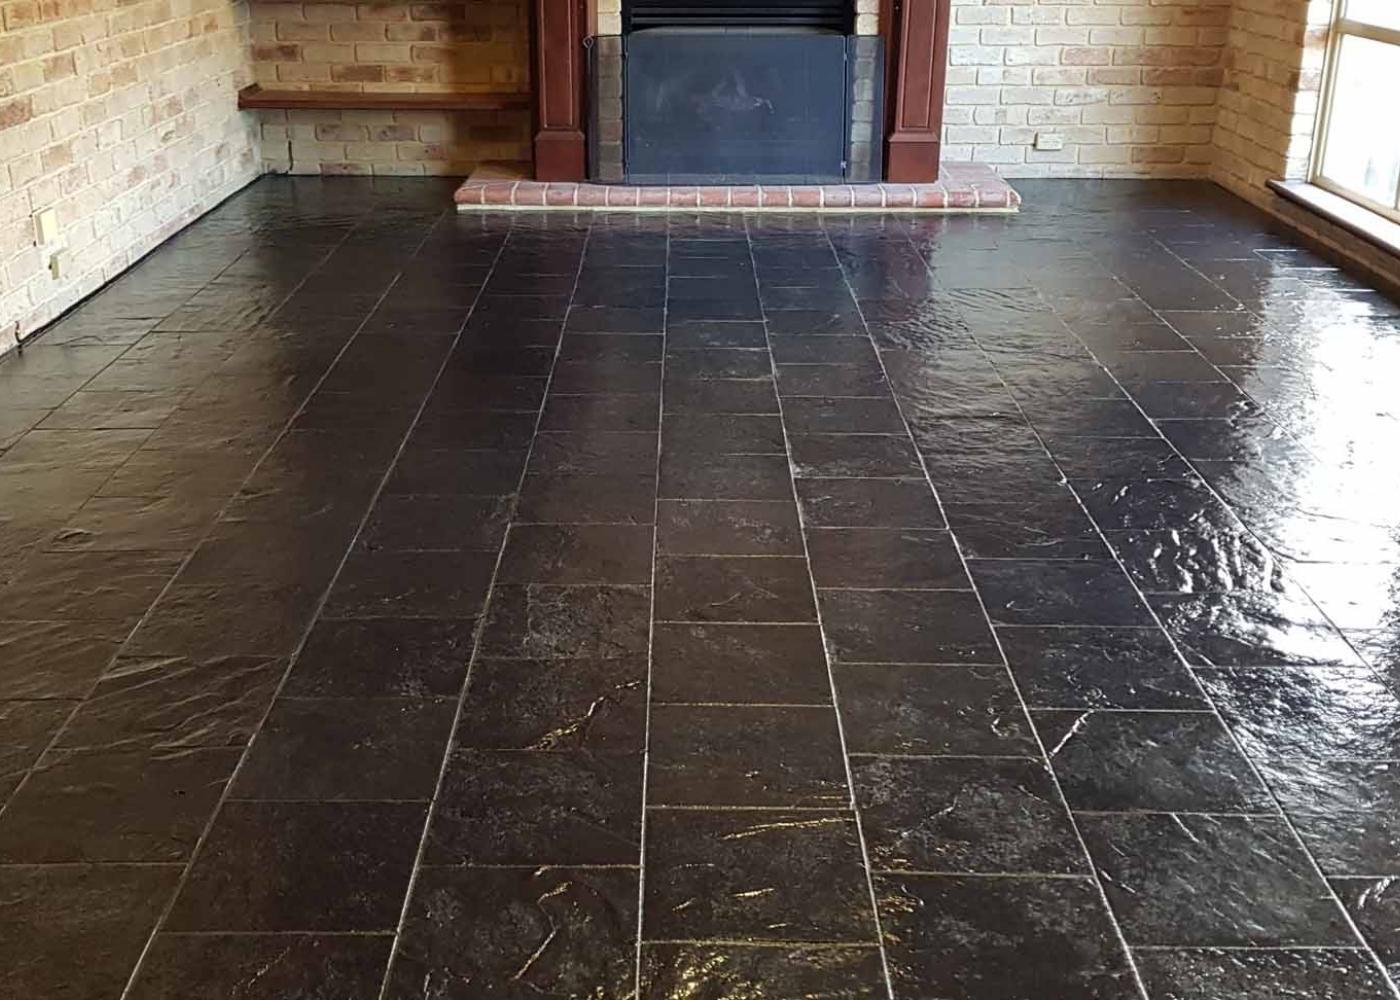 natuursteen vloer na het schoonmaken